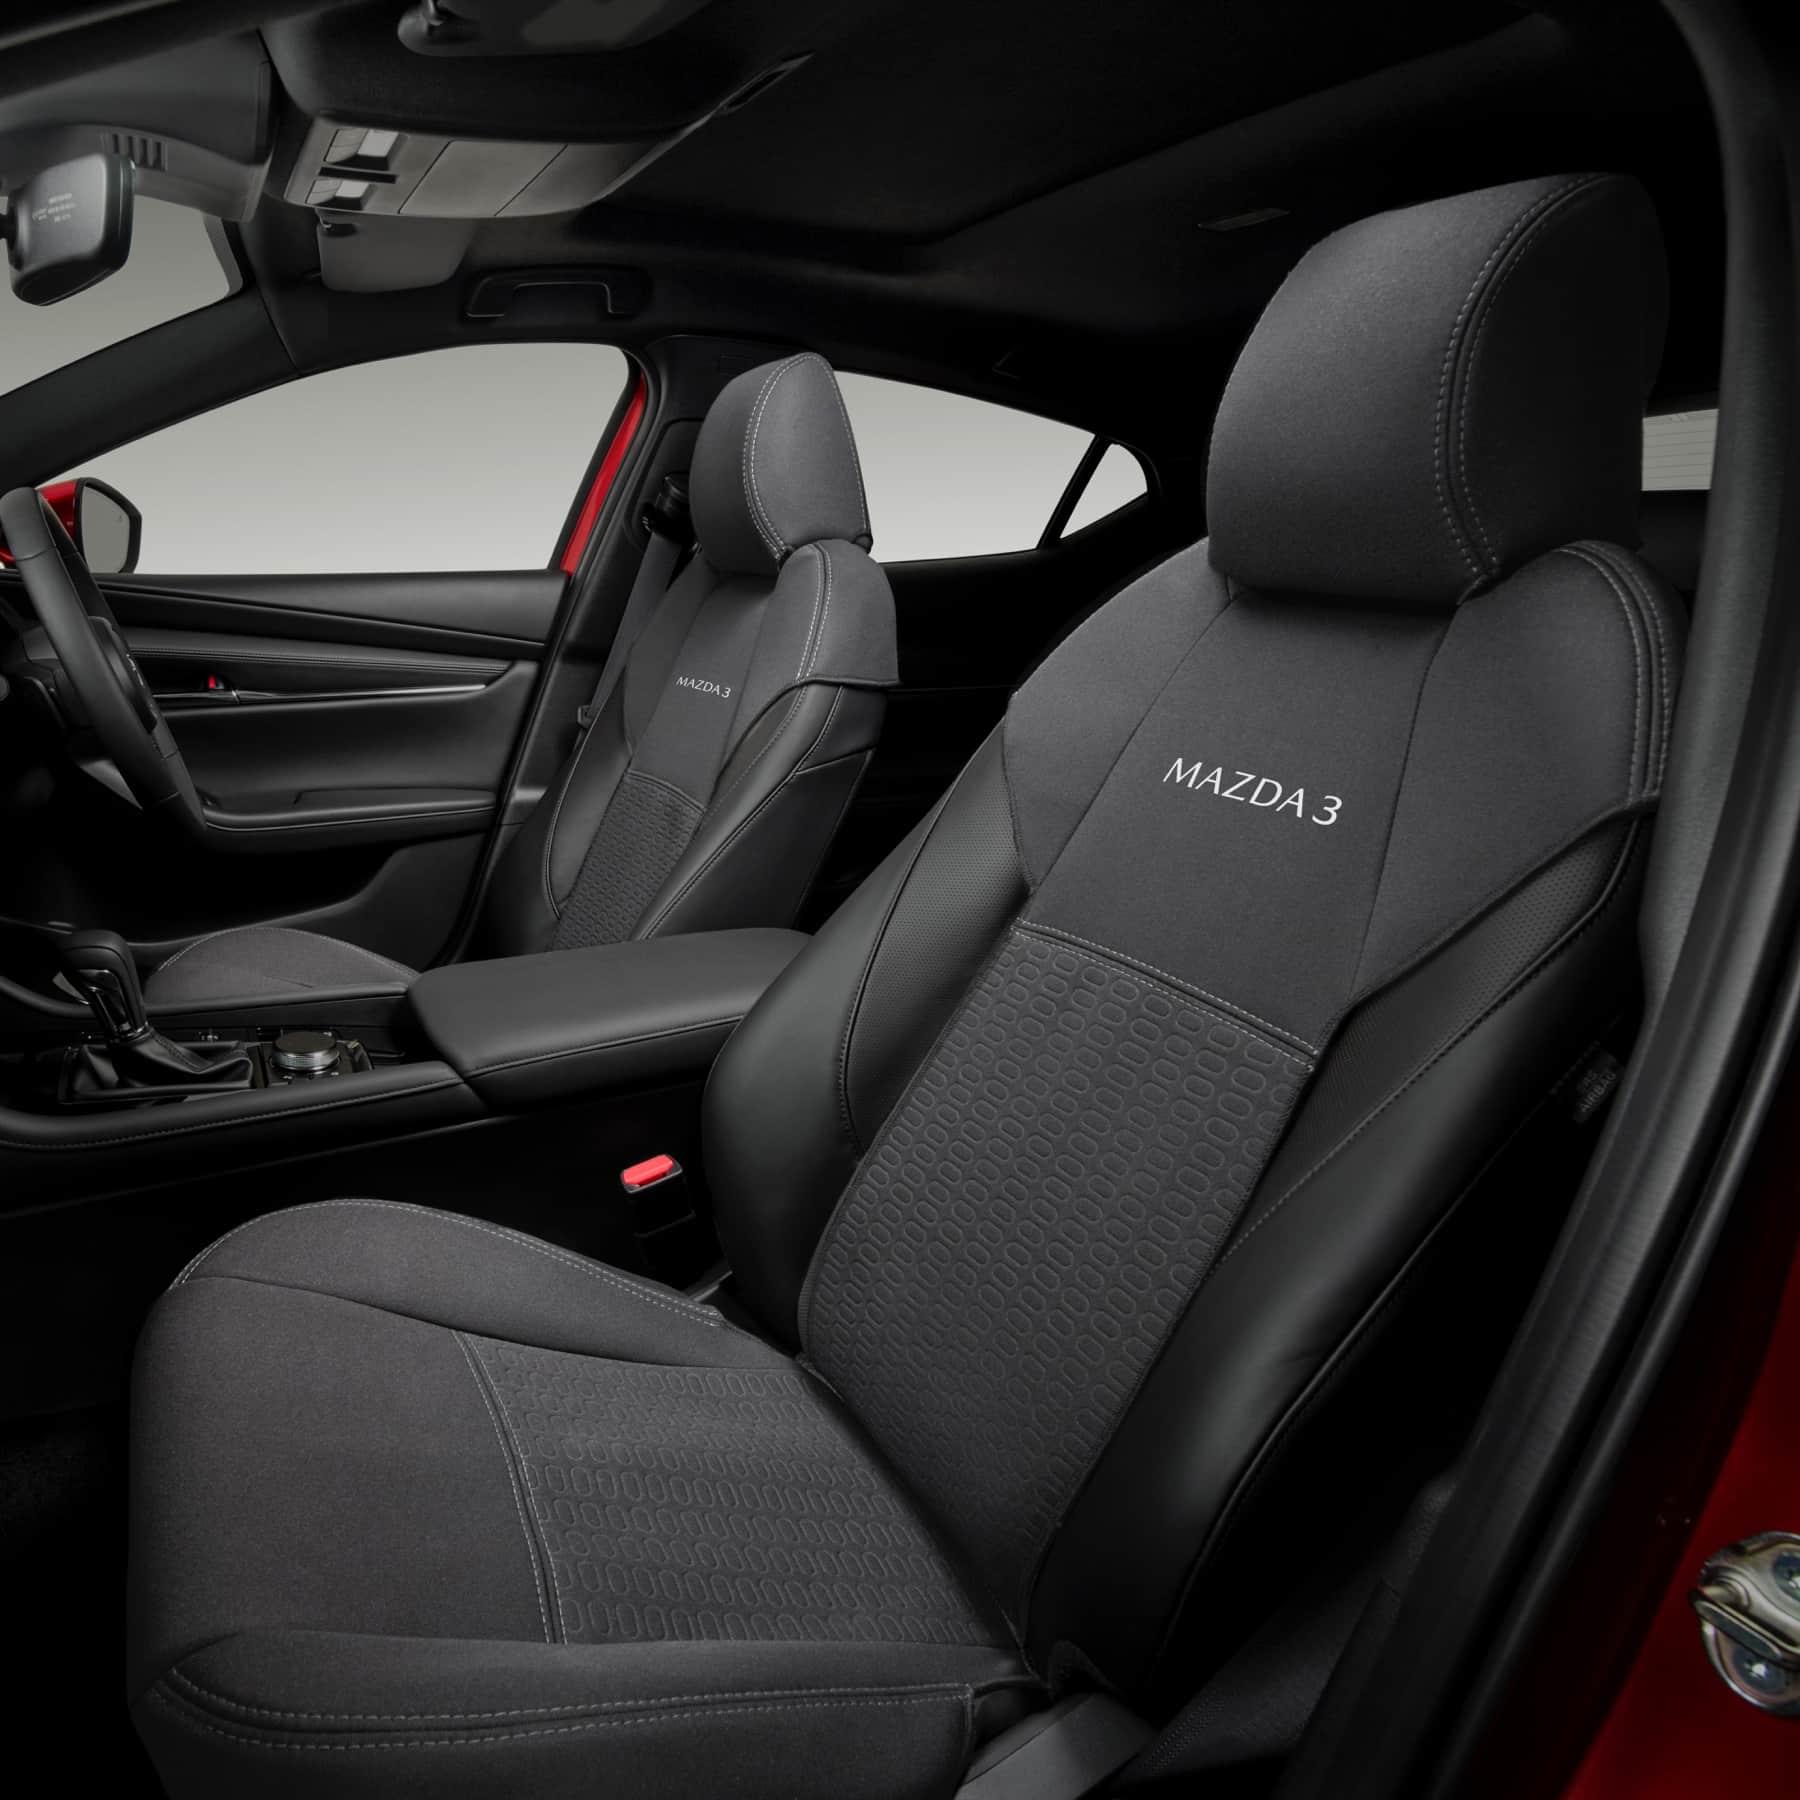 Mazda Accessories Personalise Your Mazda3